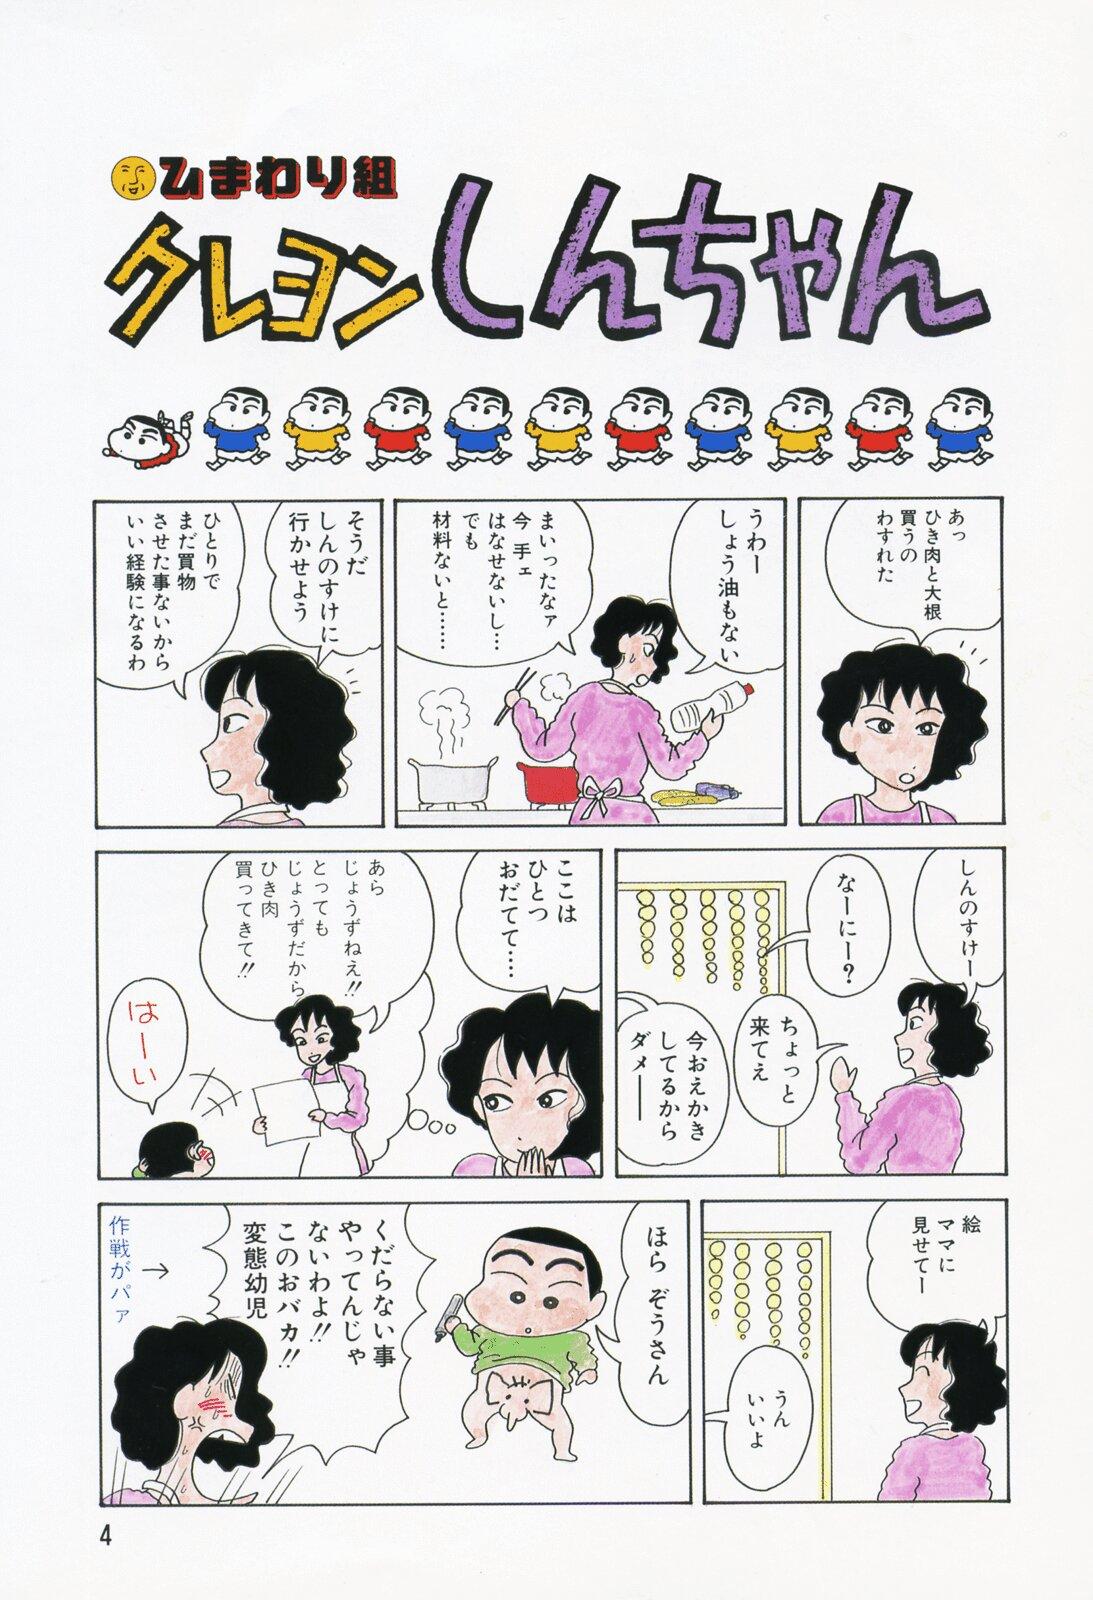 适合日语初学者的日文原版漫画集-样张-2